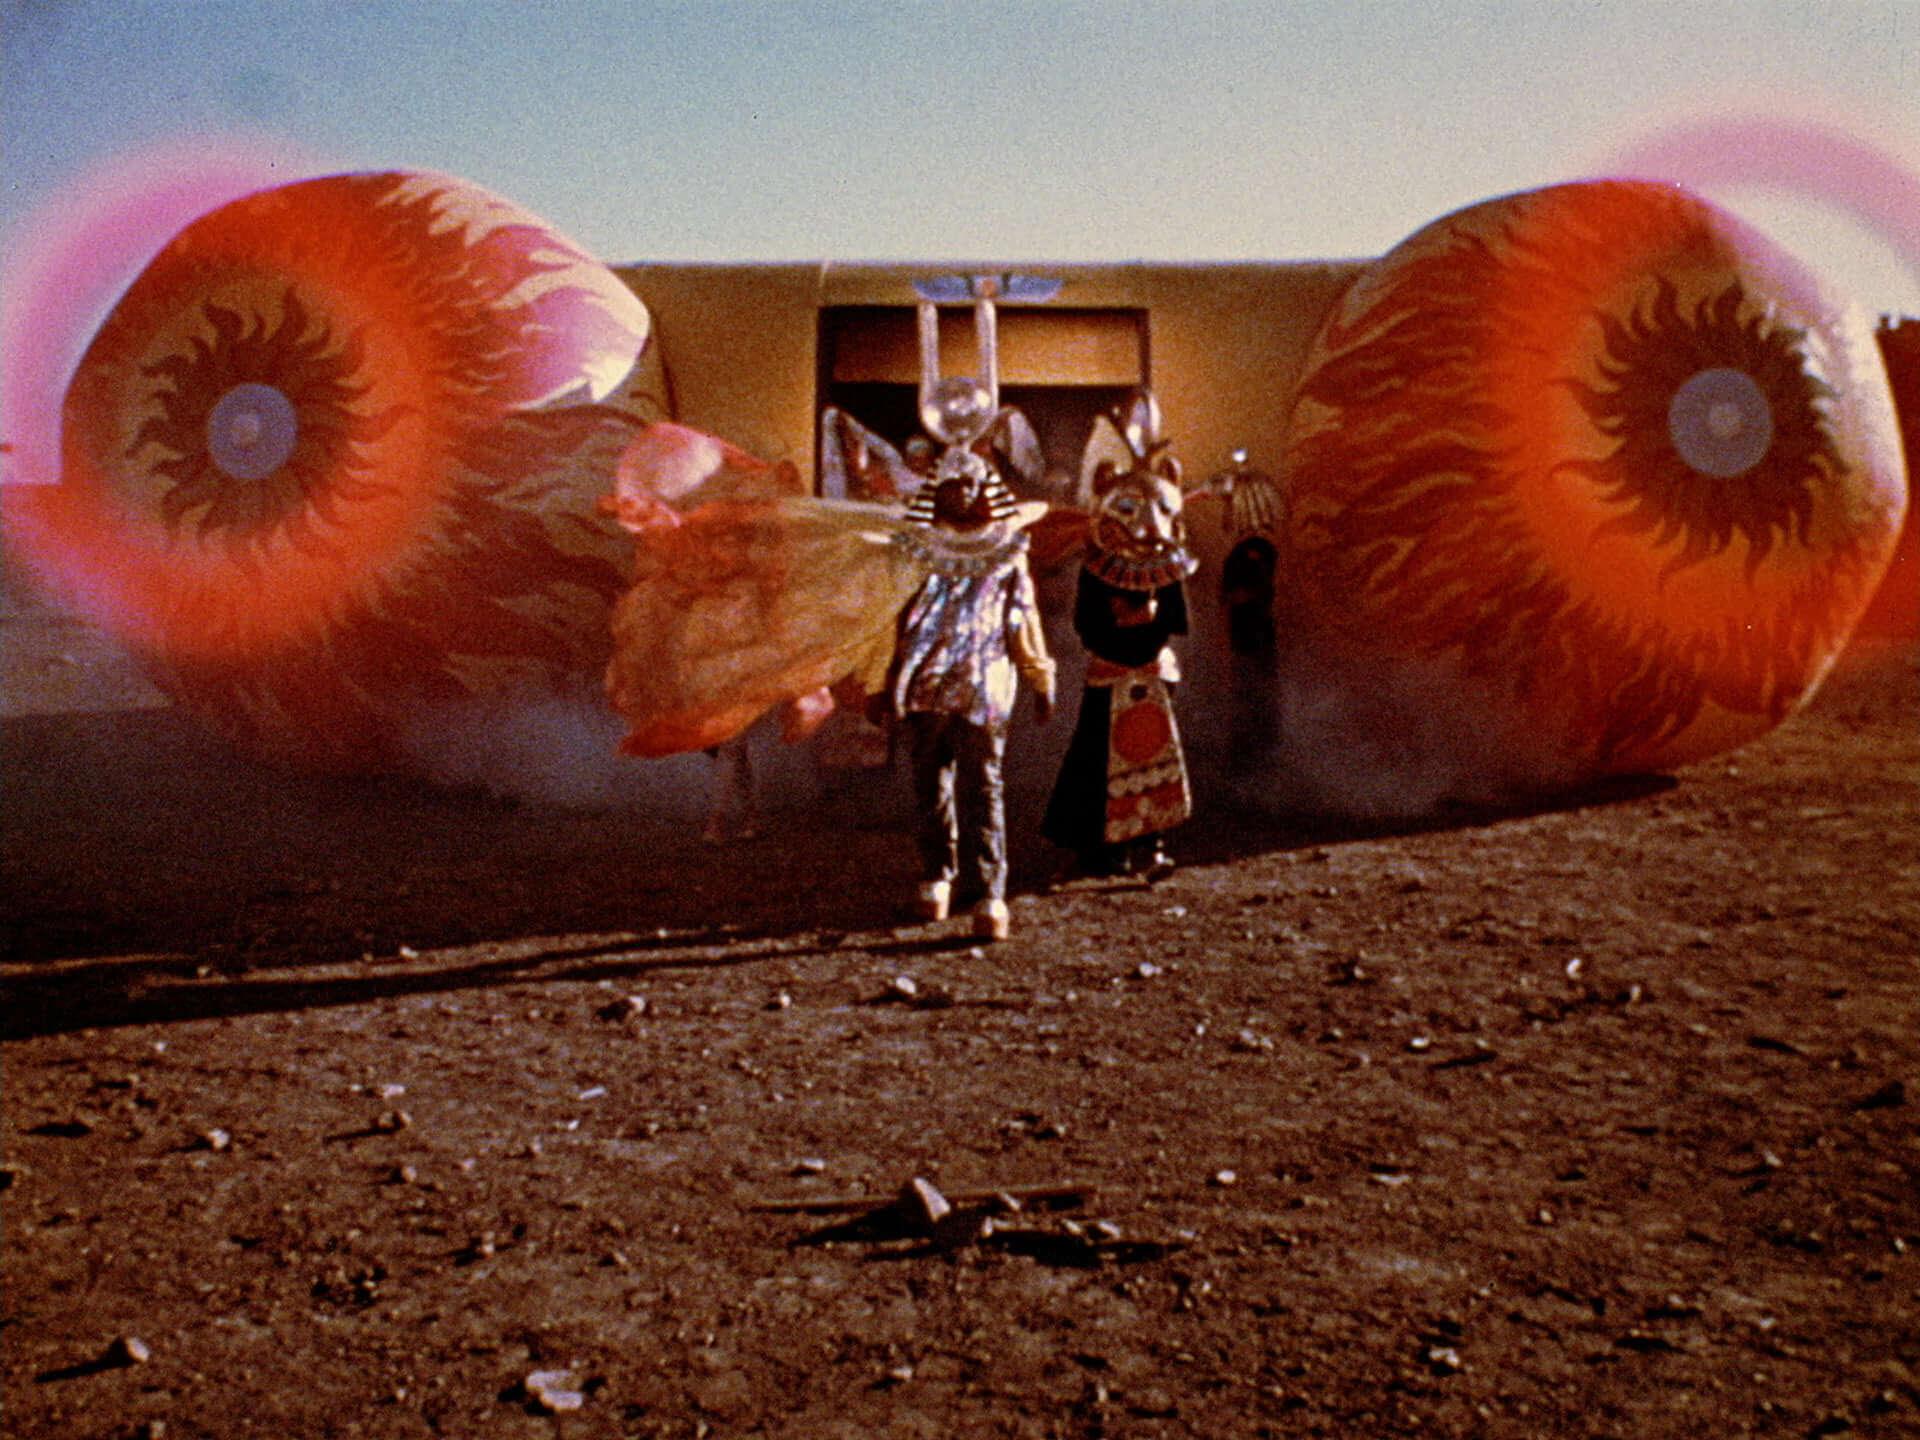 Sun Raの演奏によるソウルパワーで会場が大変なことに!映画『サン・ラーのスペース・イズ・ザ・プレイス』のライブシーンが解禁 film210108_sunra_1-1920x1440